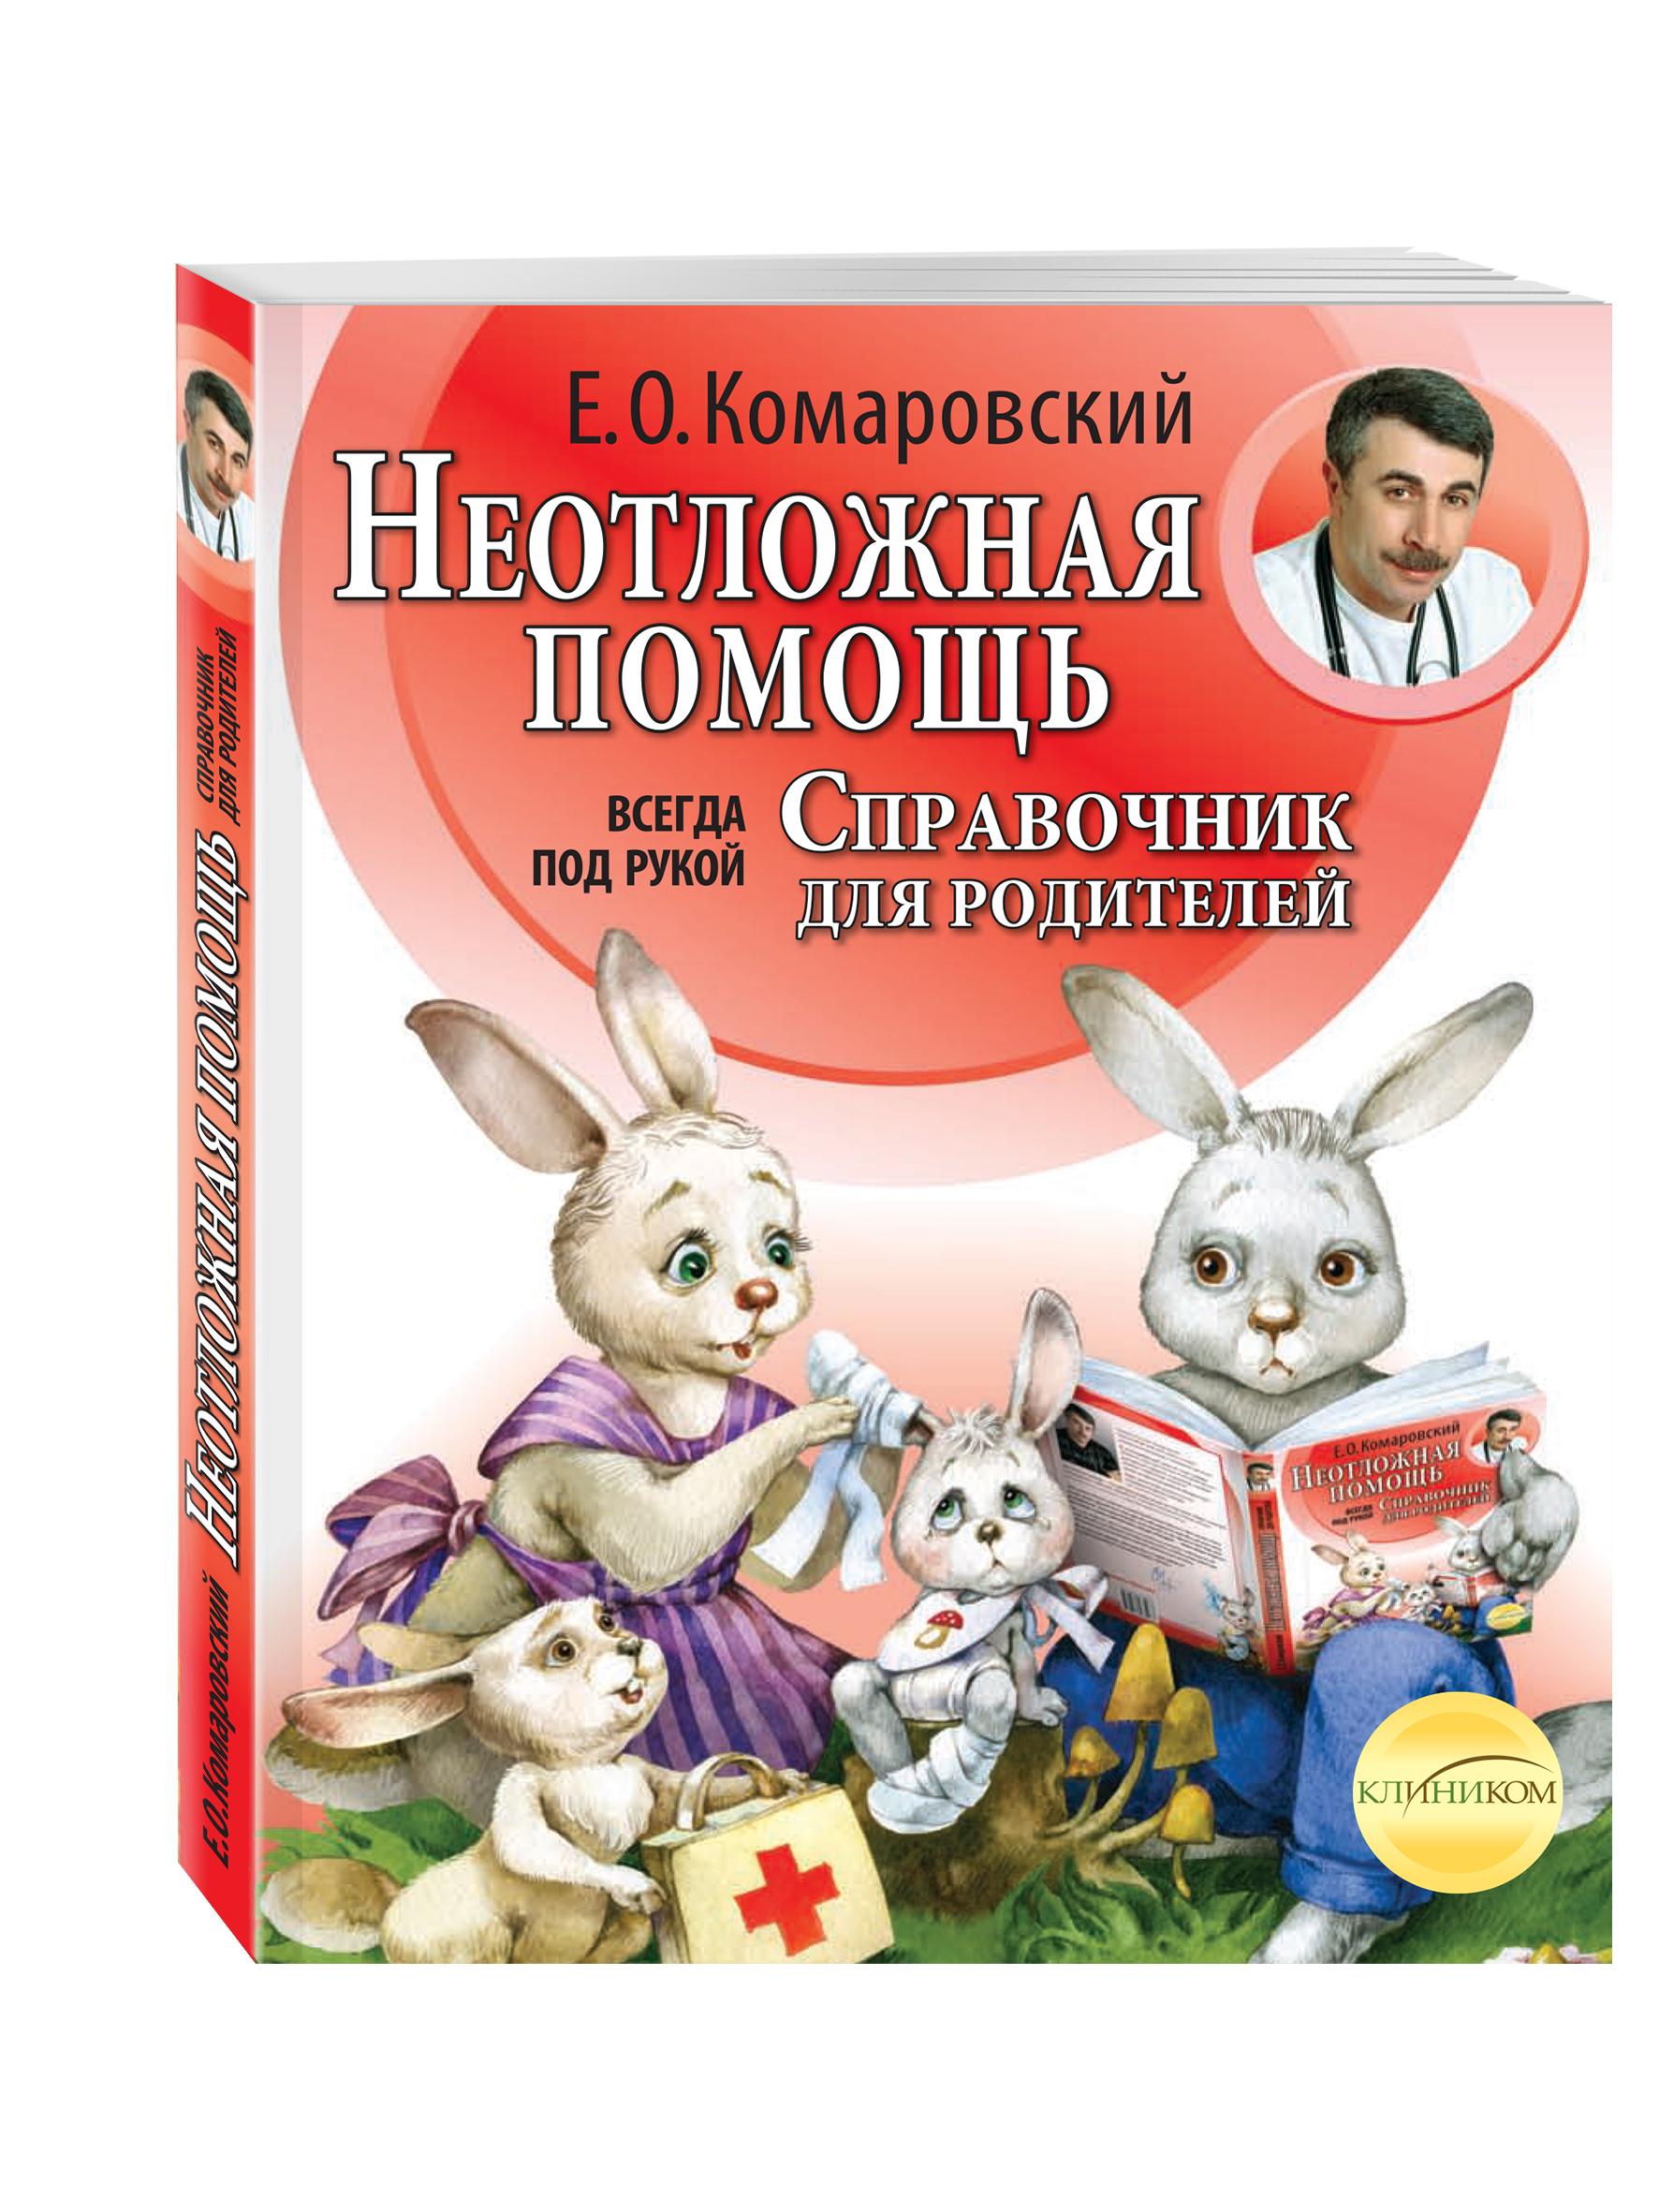 Неотложная помощь: справочник для родителей. Всегда под рукой ( Комаровский Е.О.  )